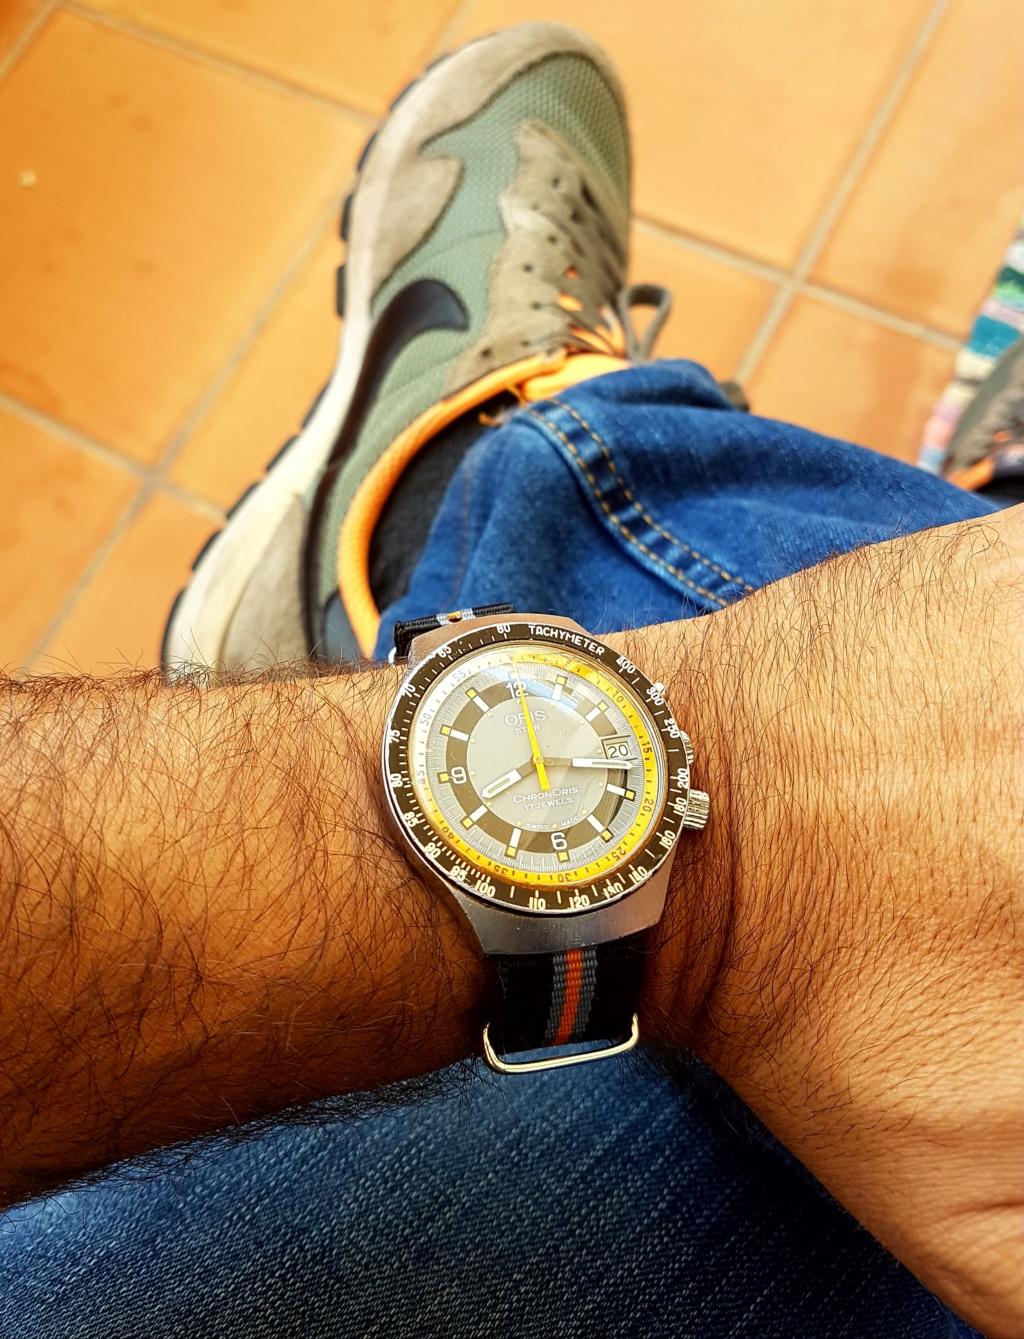 Relojes y calzado 20180810